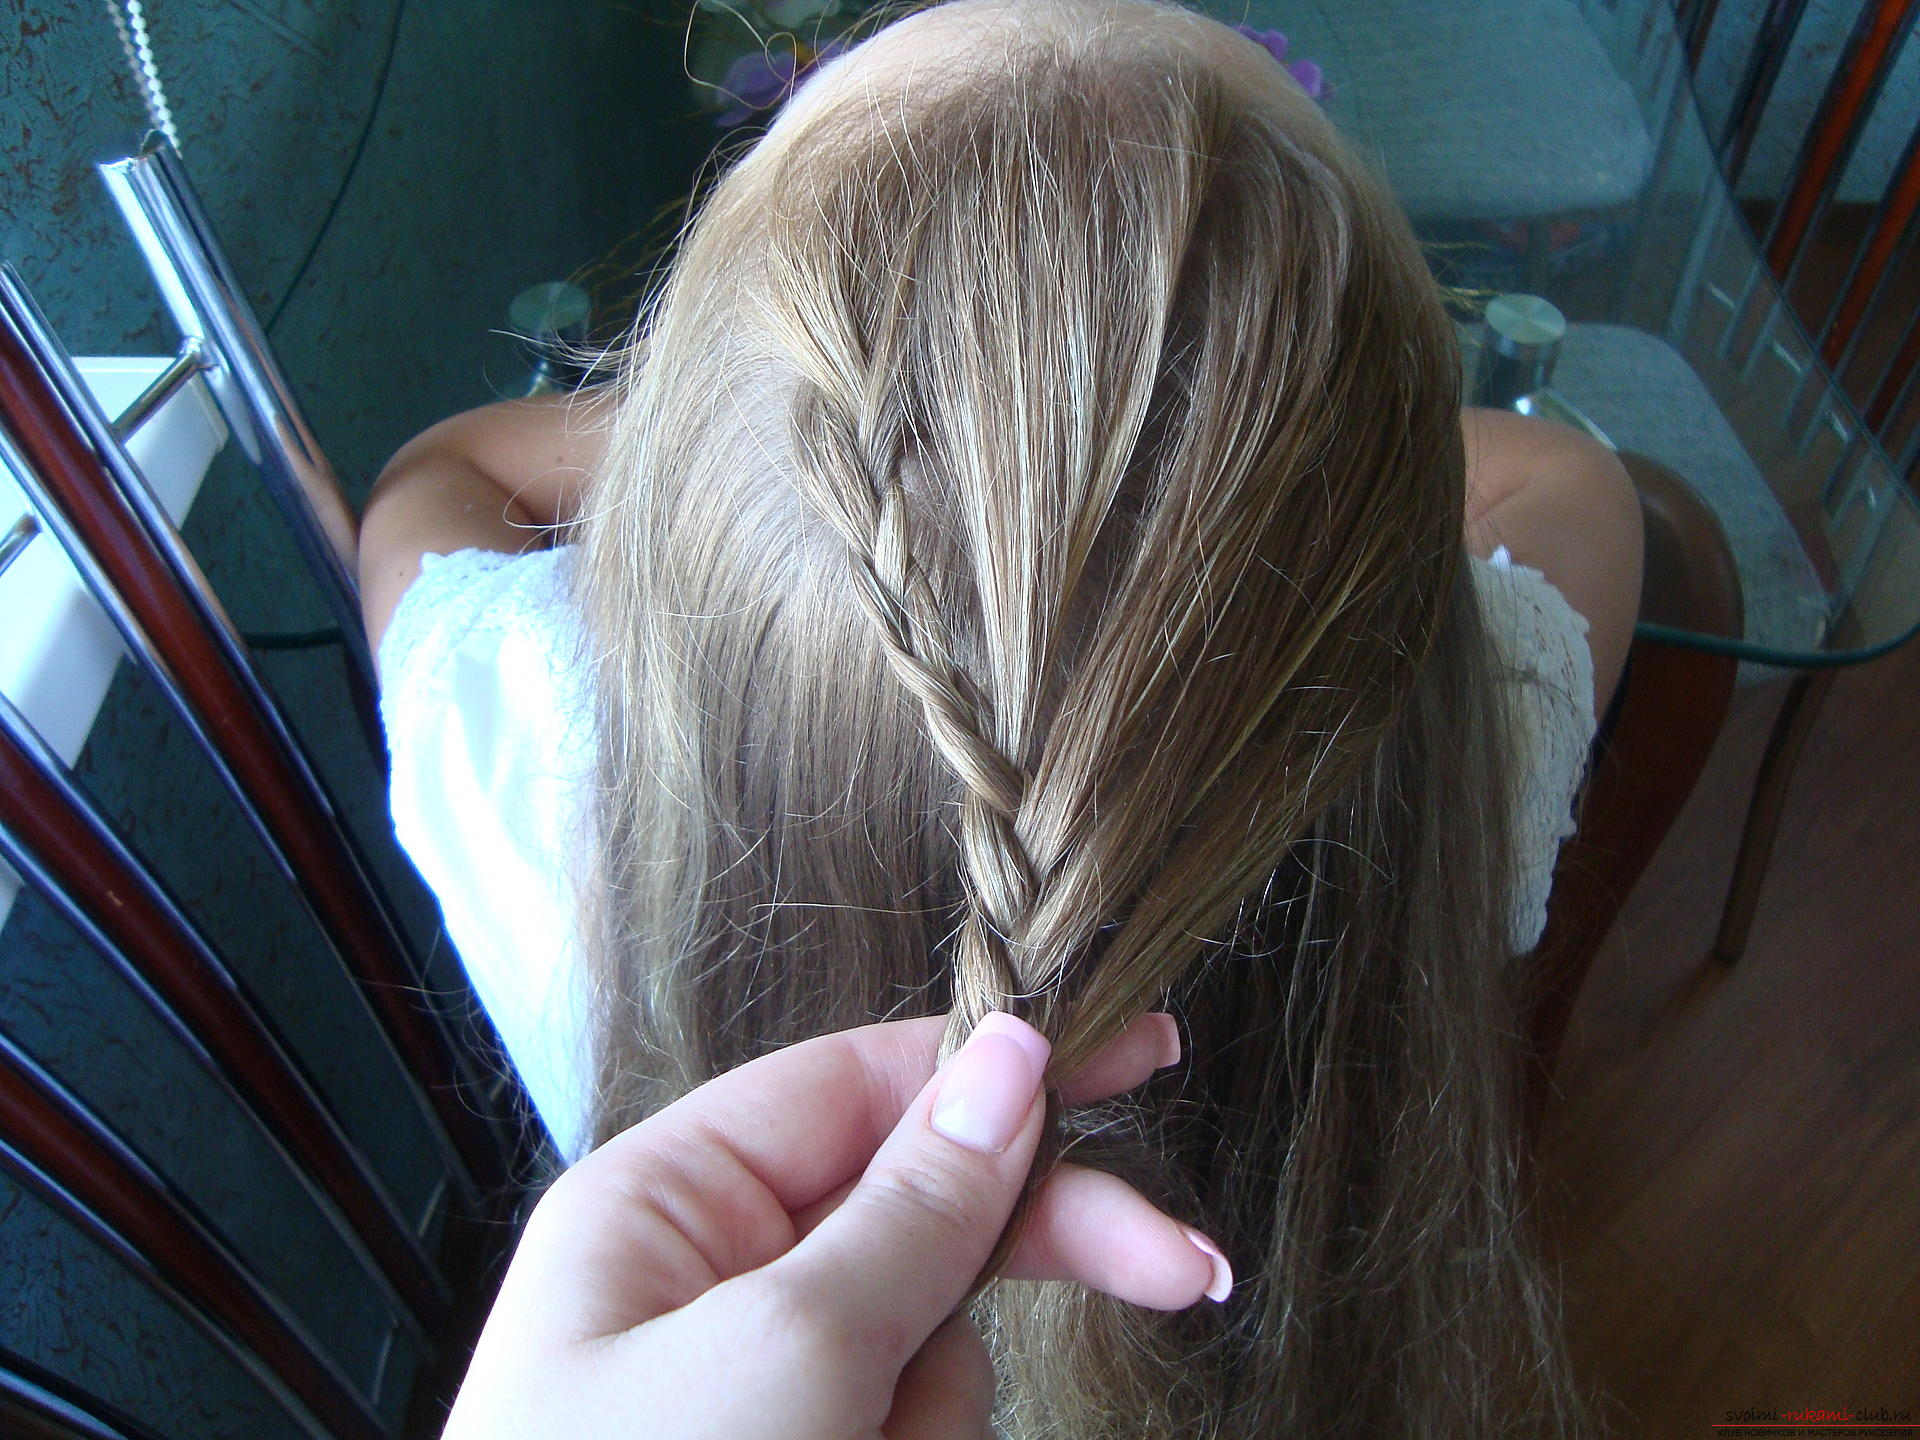 Урок по плетению косы на длинные волосы для девочки в школу. Фото №7